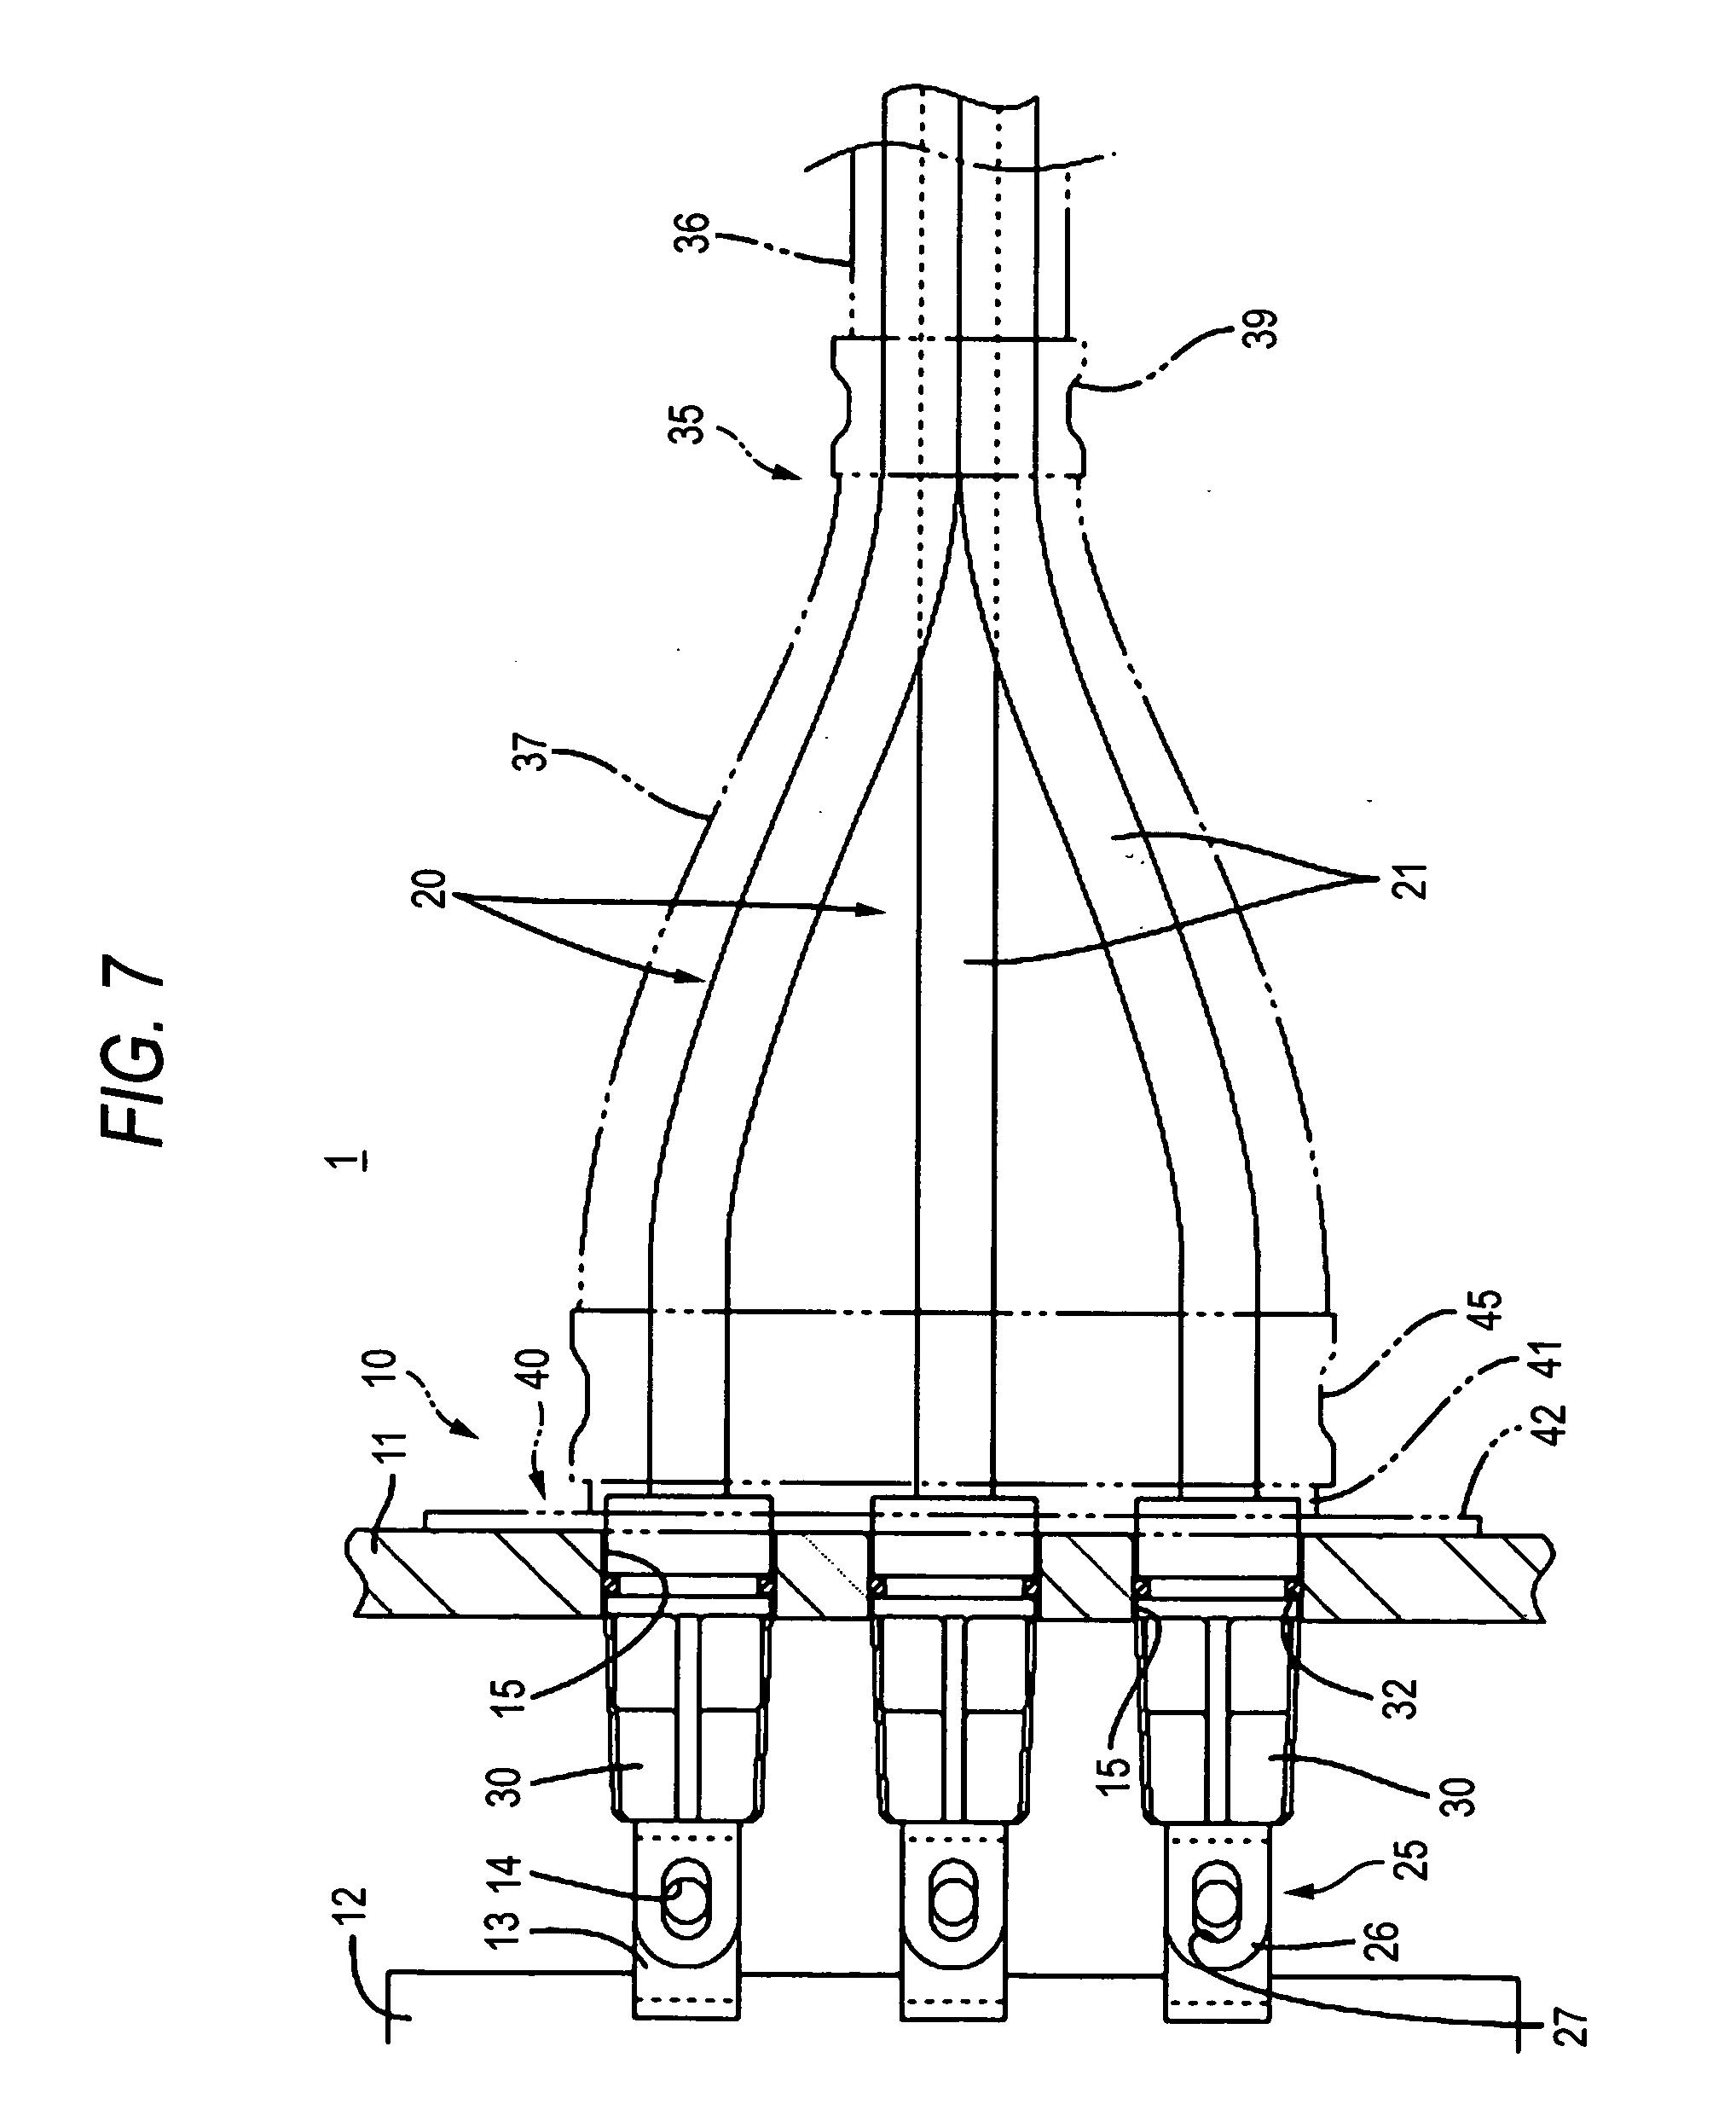 4 wire atv voltage regulator wiring diagram